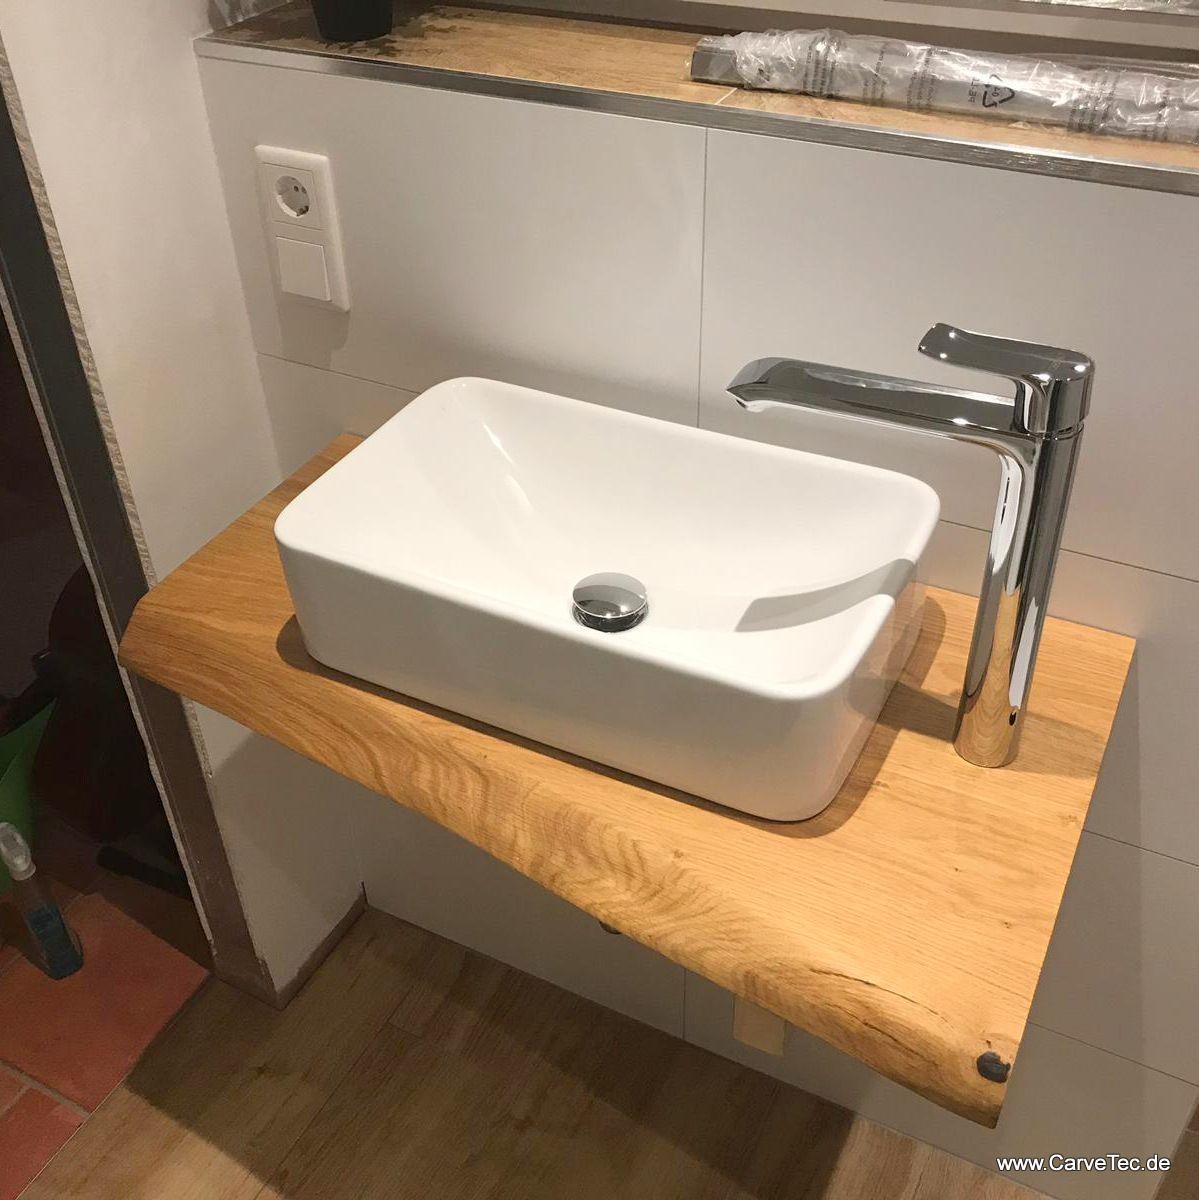 Waschtisch Holz Badezimmer Einrichtung Waschtisch Holz Badezimmer